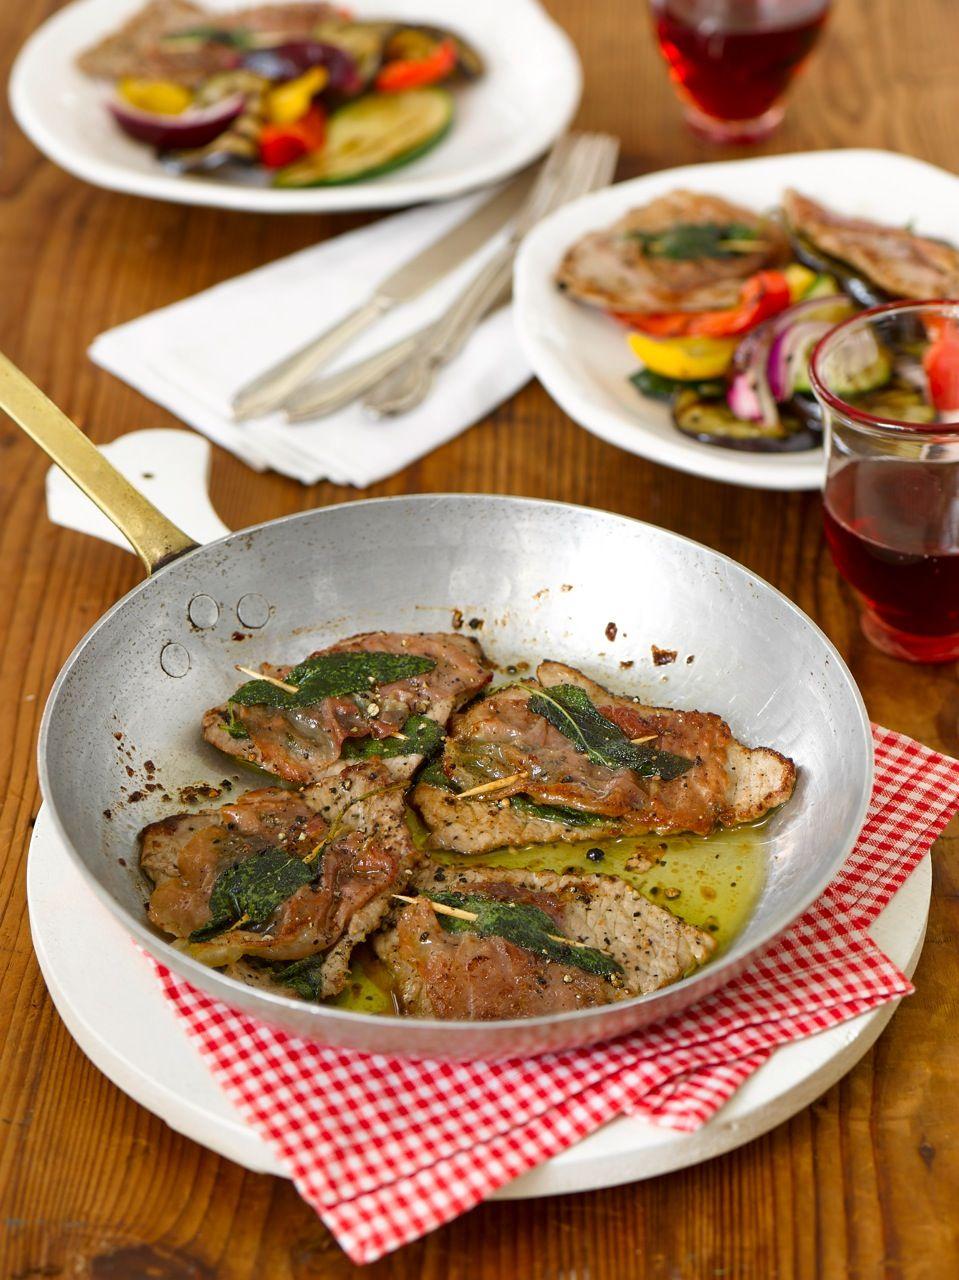 Saltimbocca mit buntem Grillgemüse Foto © Maike Jessen für